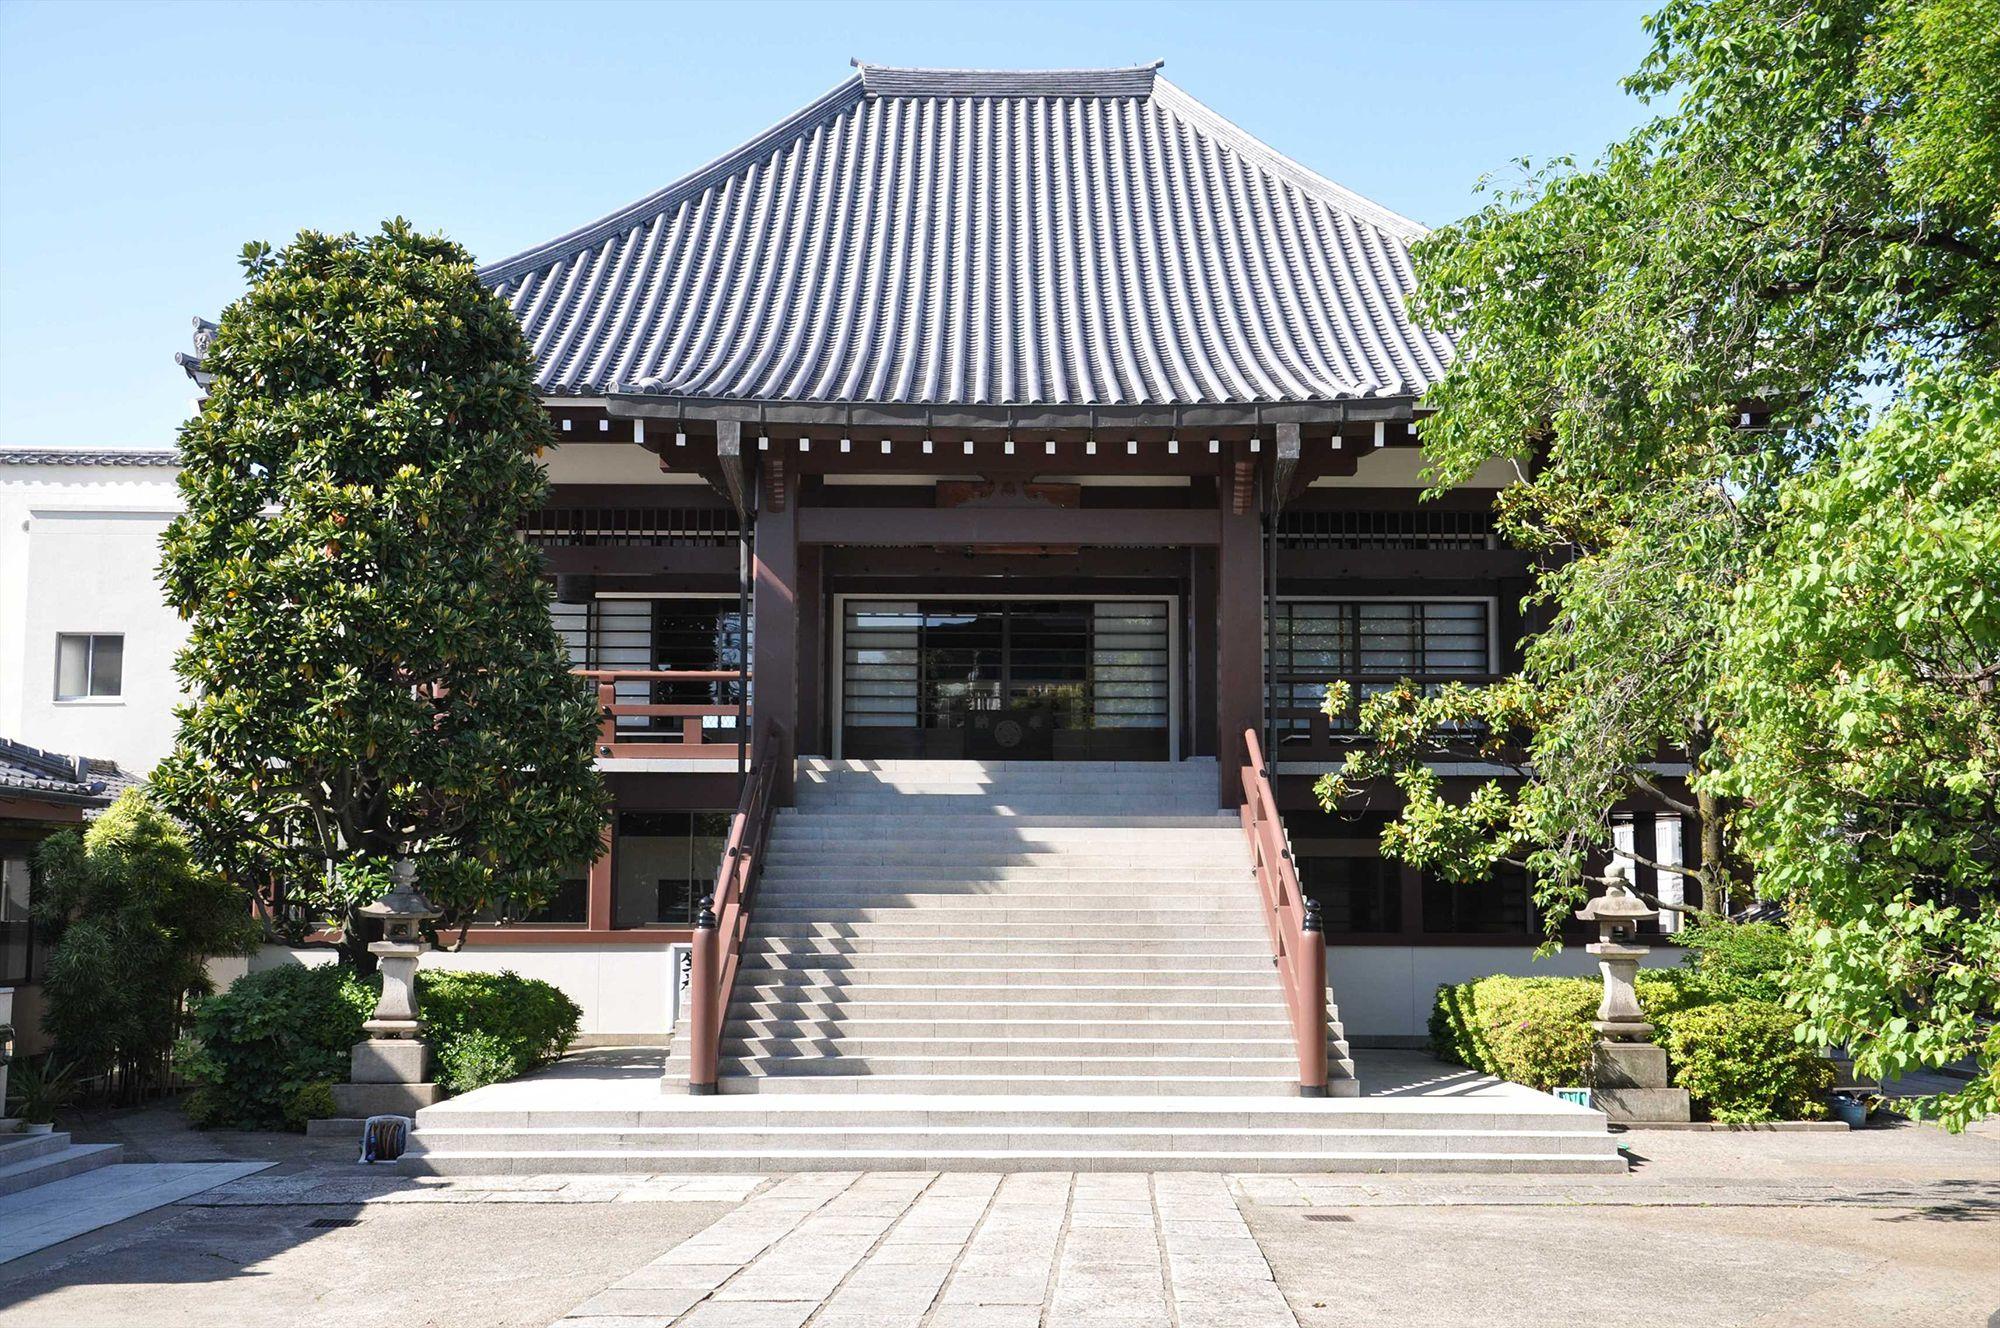 全生庵は、山岡鉄舟居士が明治に建立した寺。居士との縁で、三遊亭圓朝の墓所がある。